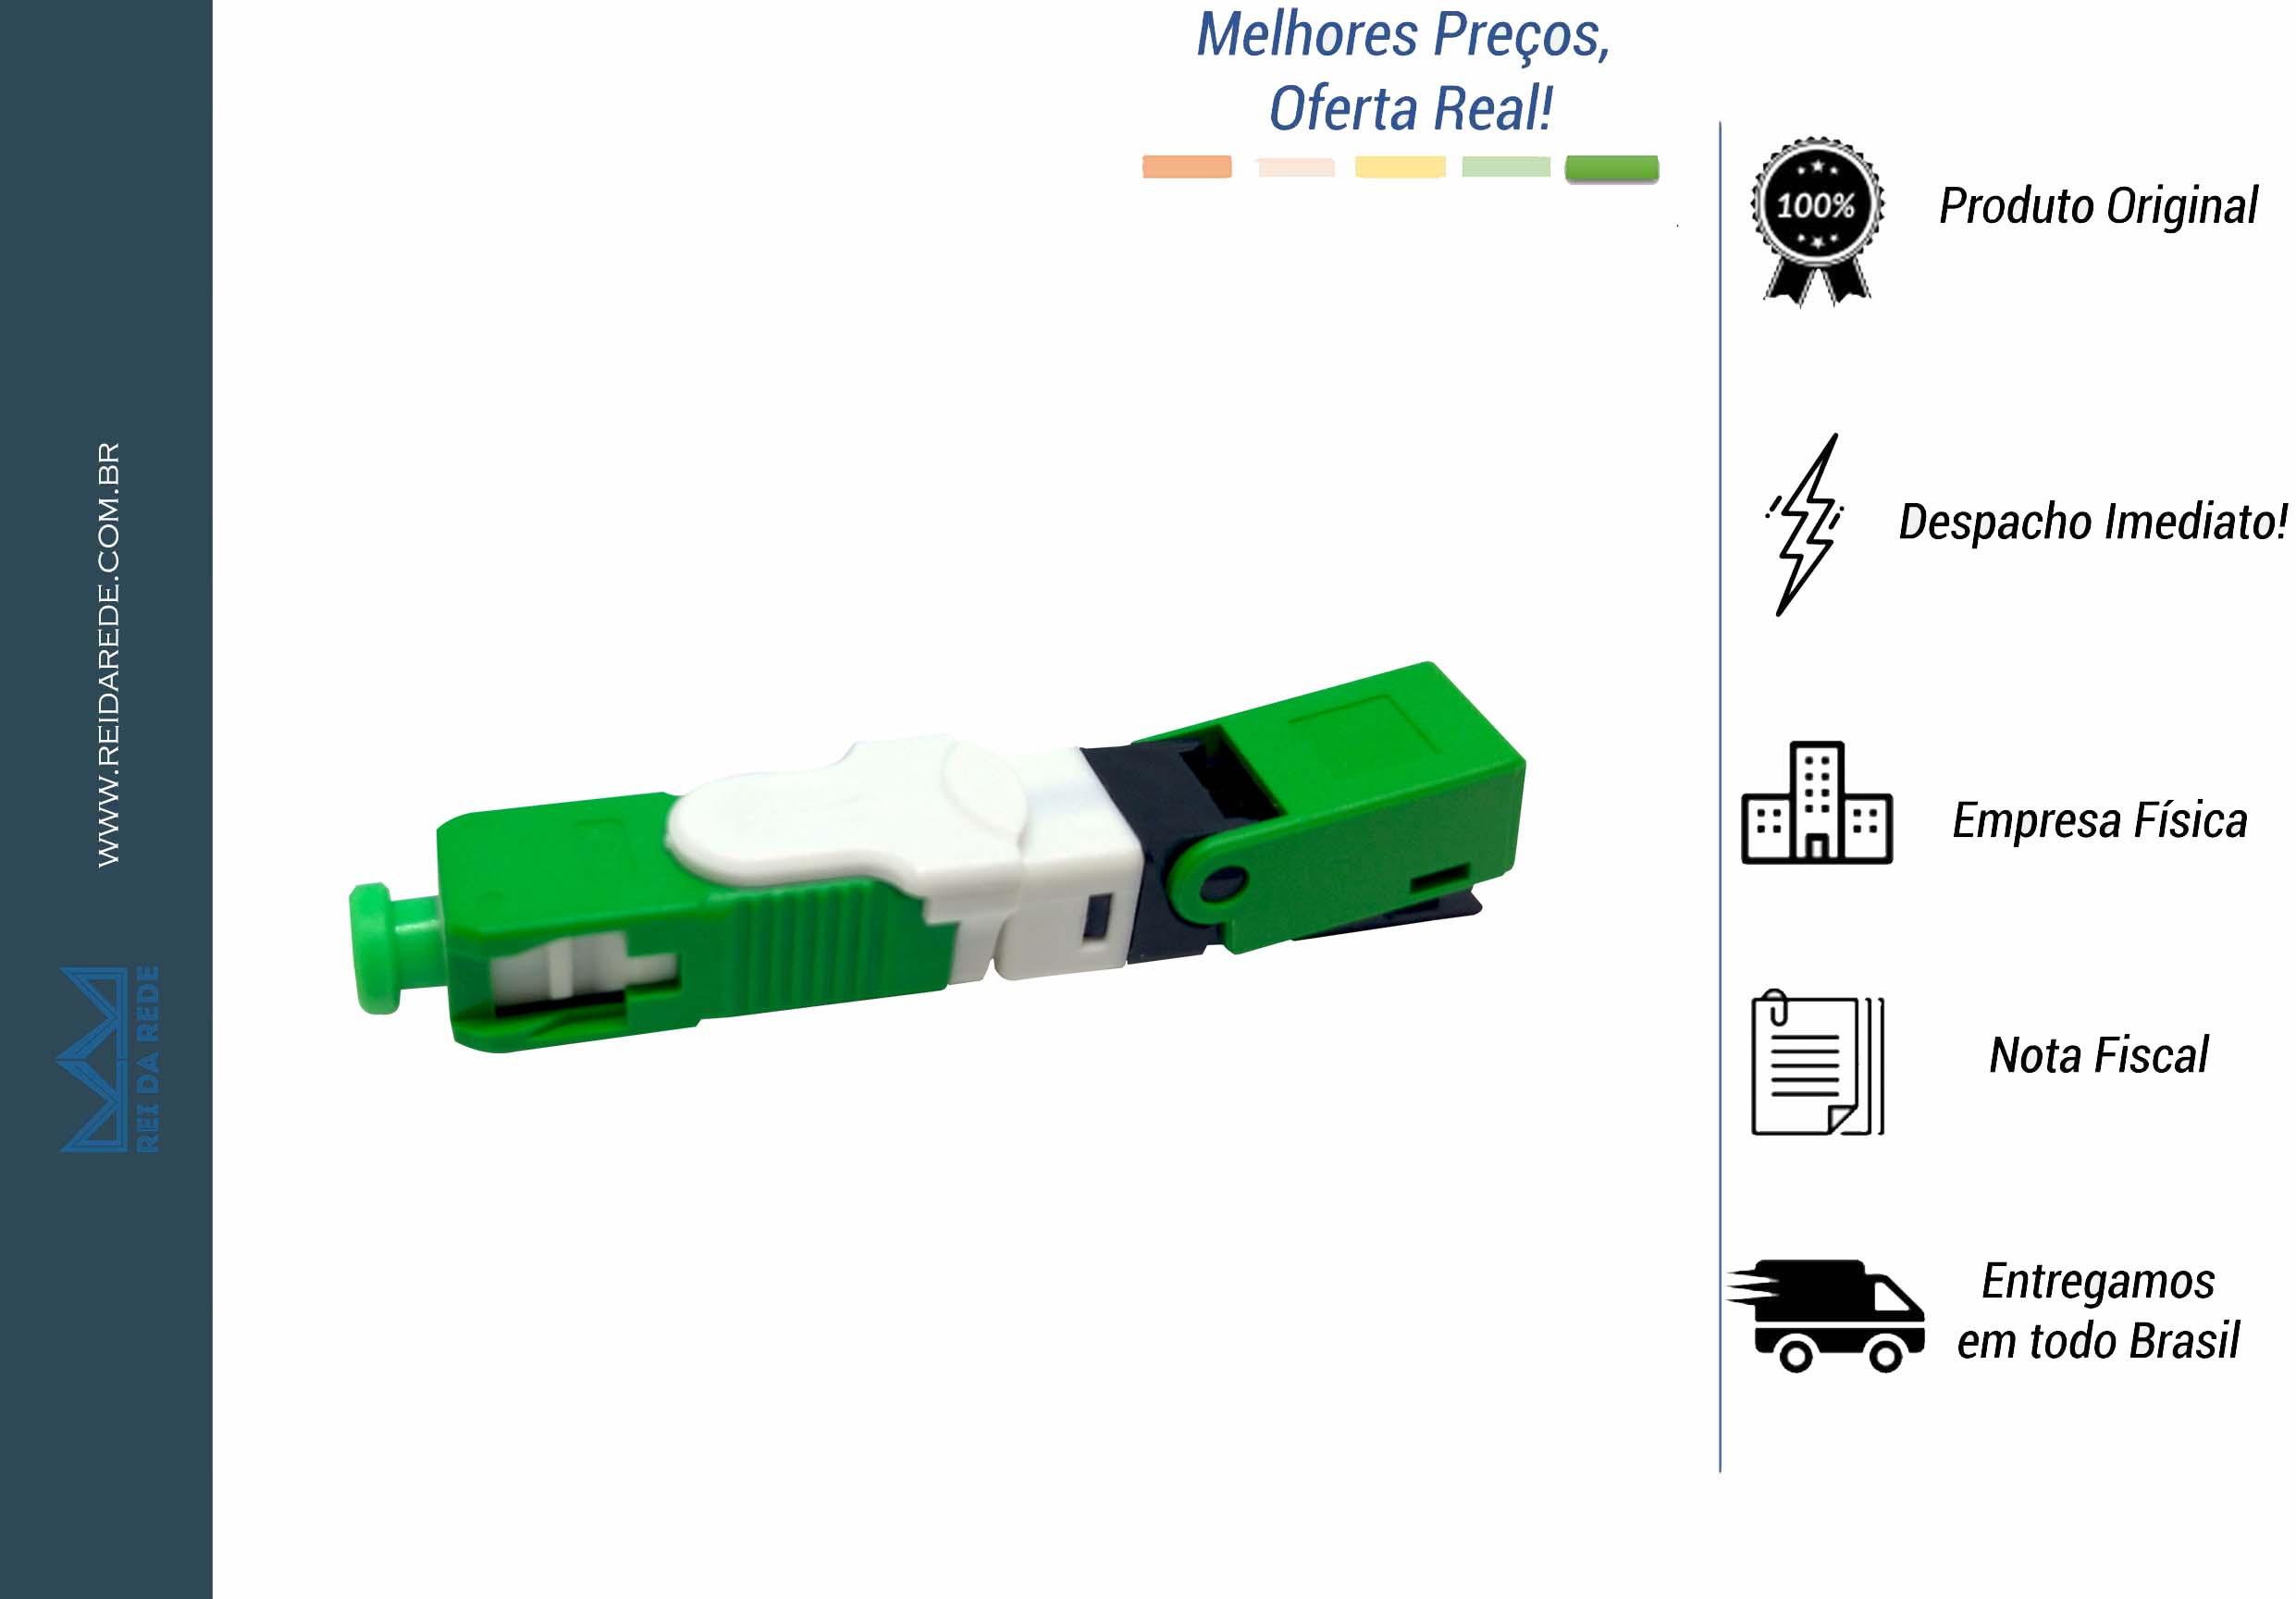 CONECTOR FAST RAPIDO SC/APC SM CLICK HOEA2158 O-TECH - MARCA:O-TECH - MODELO:HOEA2158